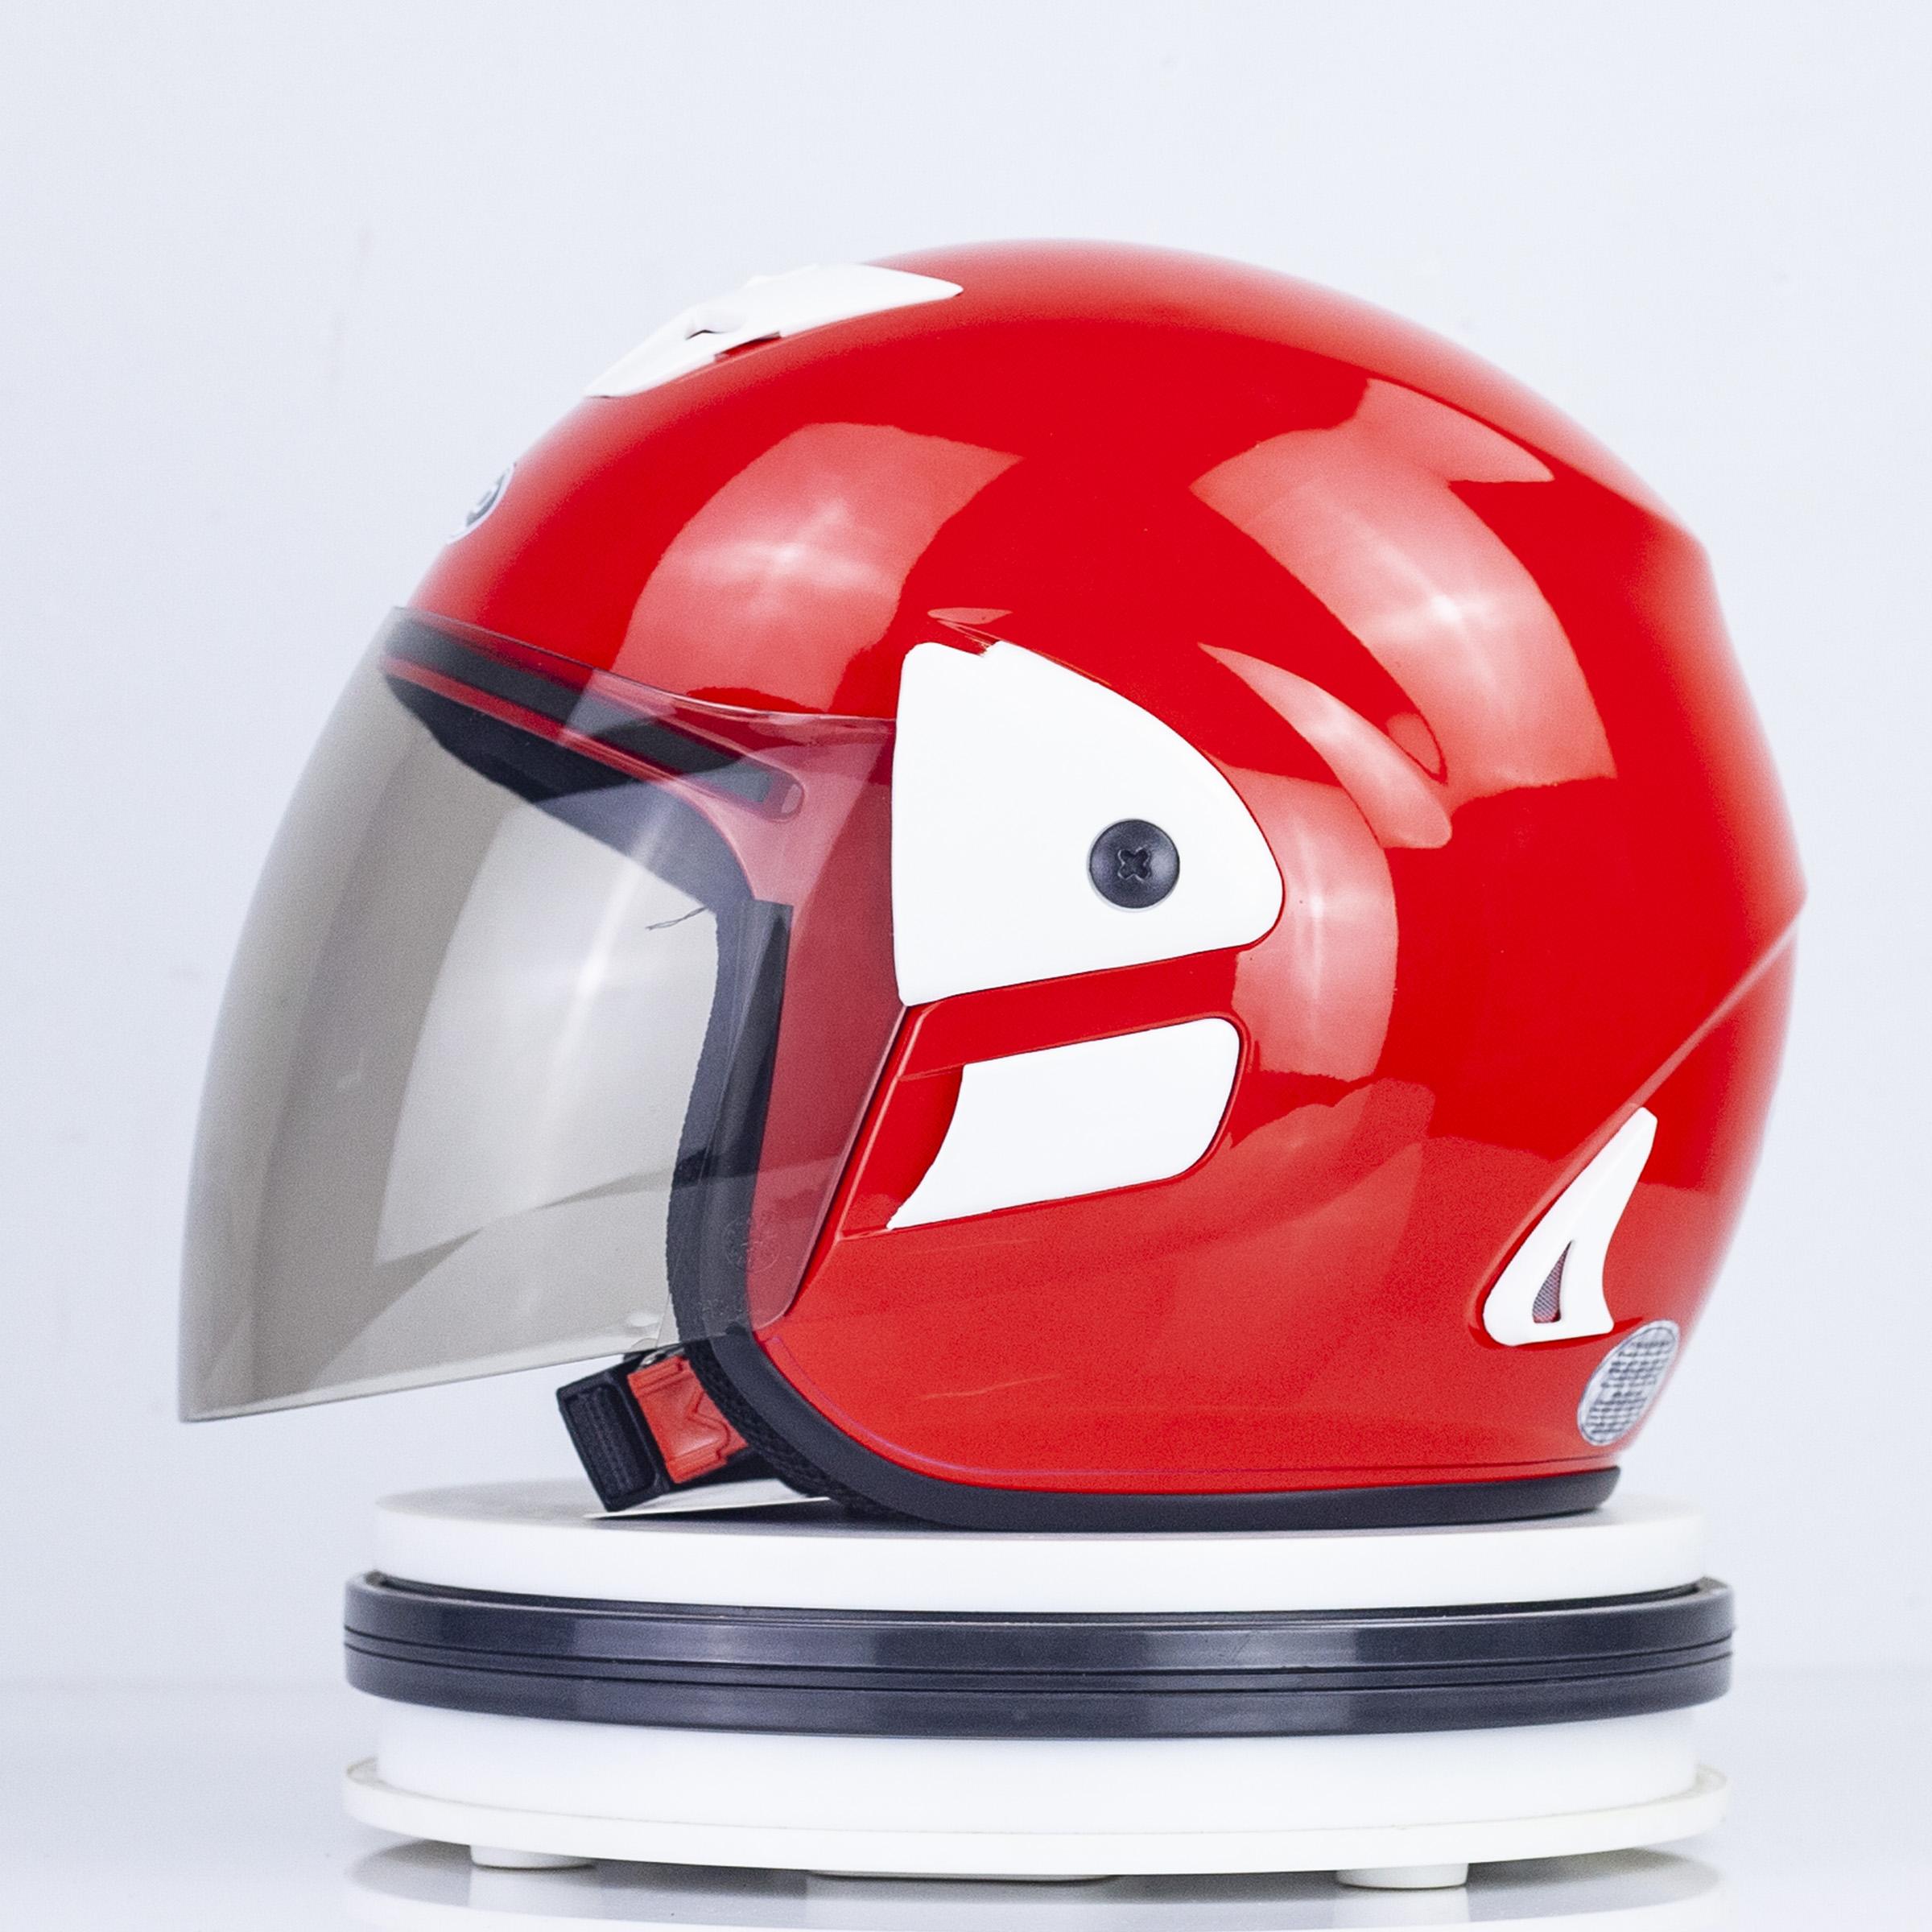 Mũ Bảo hiểm GRO 3/4 đầu - V2 Màu Đỏ Bóng